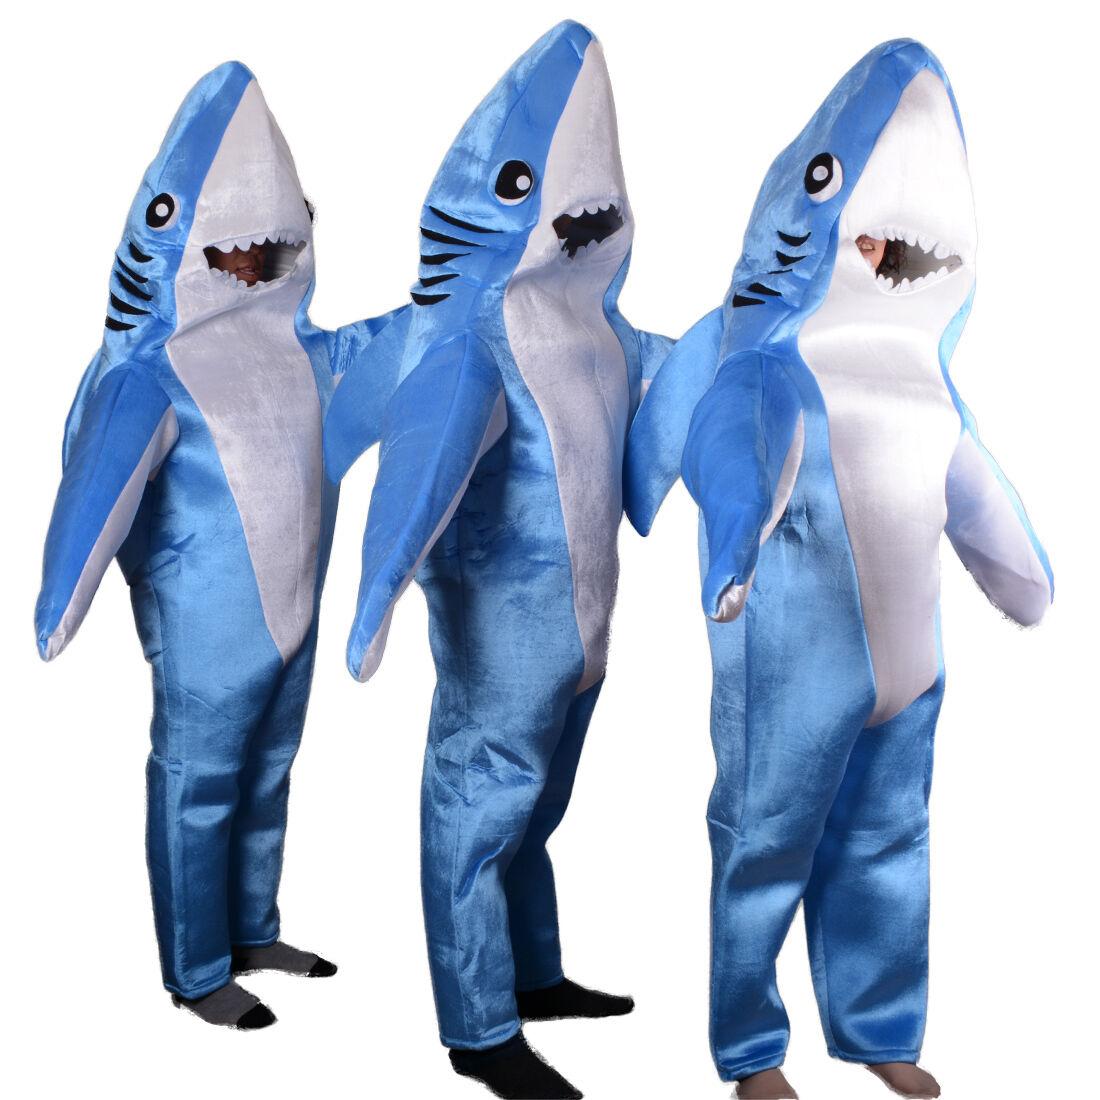 Halloween baleine requin mascotte Costume Cosplay Animal fête jeu déguisement défilé combinaison tenue adulte offre spéciale publicité nouveau